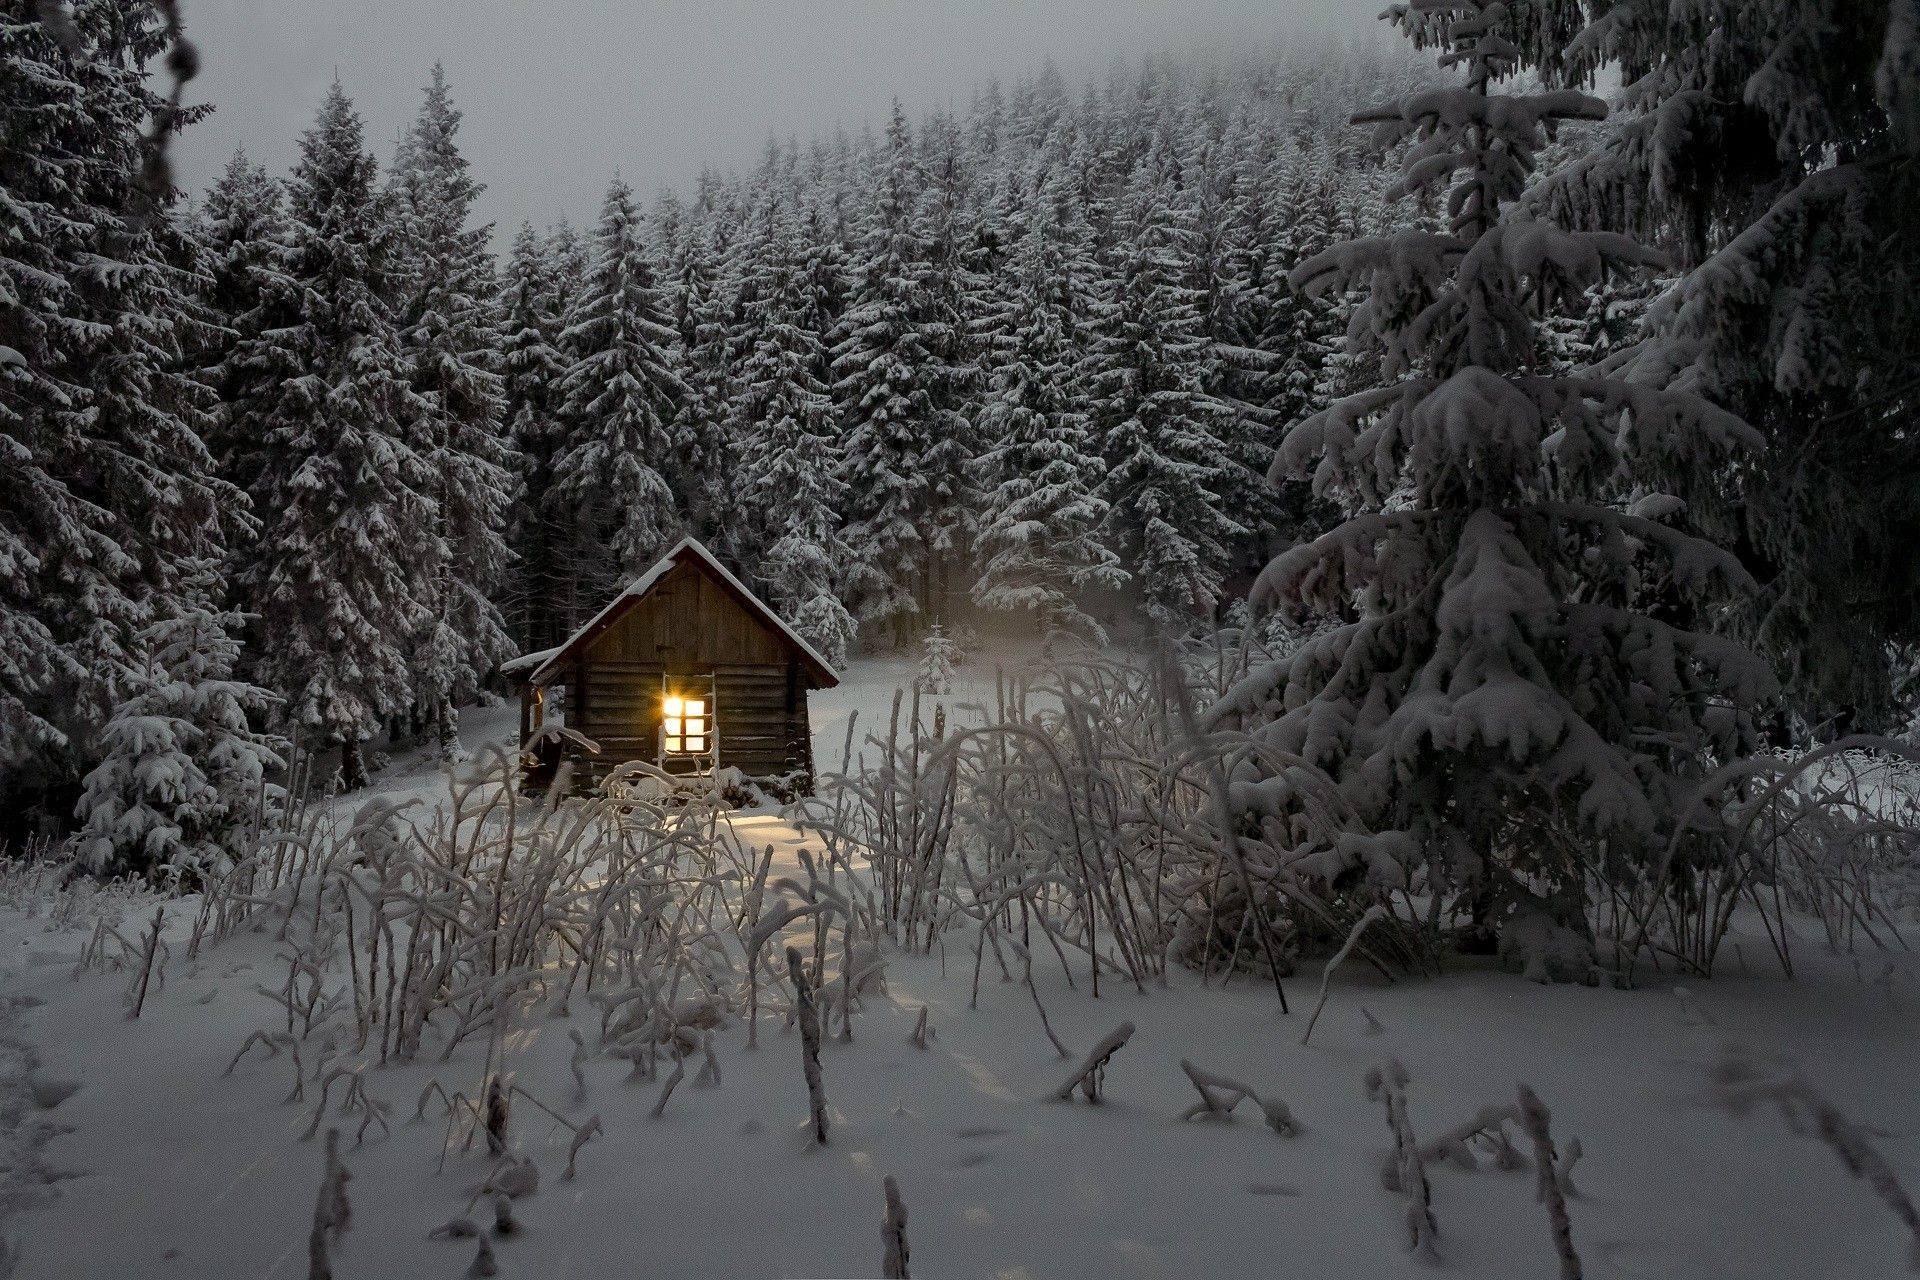 winter fir trees snow cabin light forest